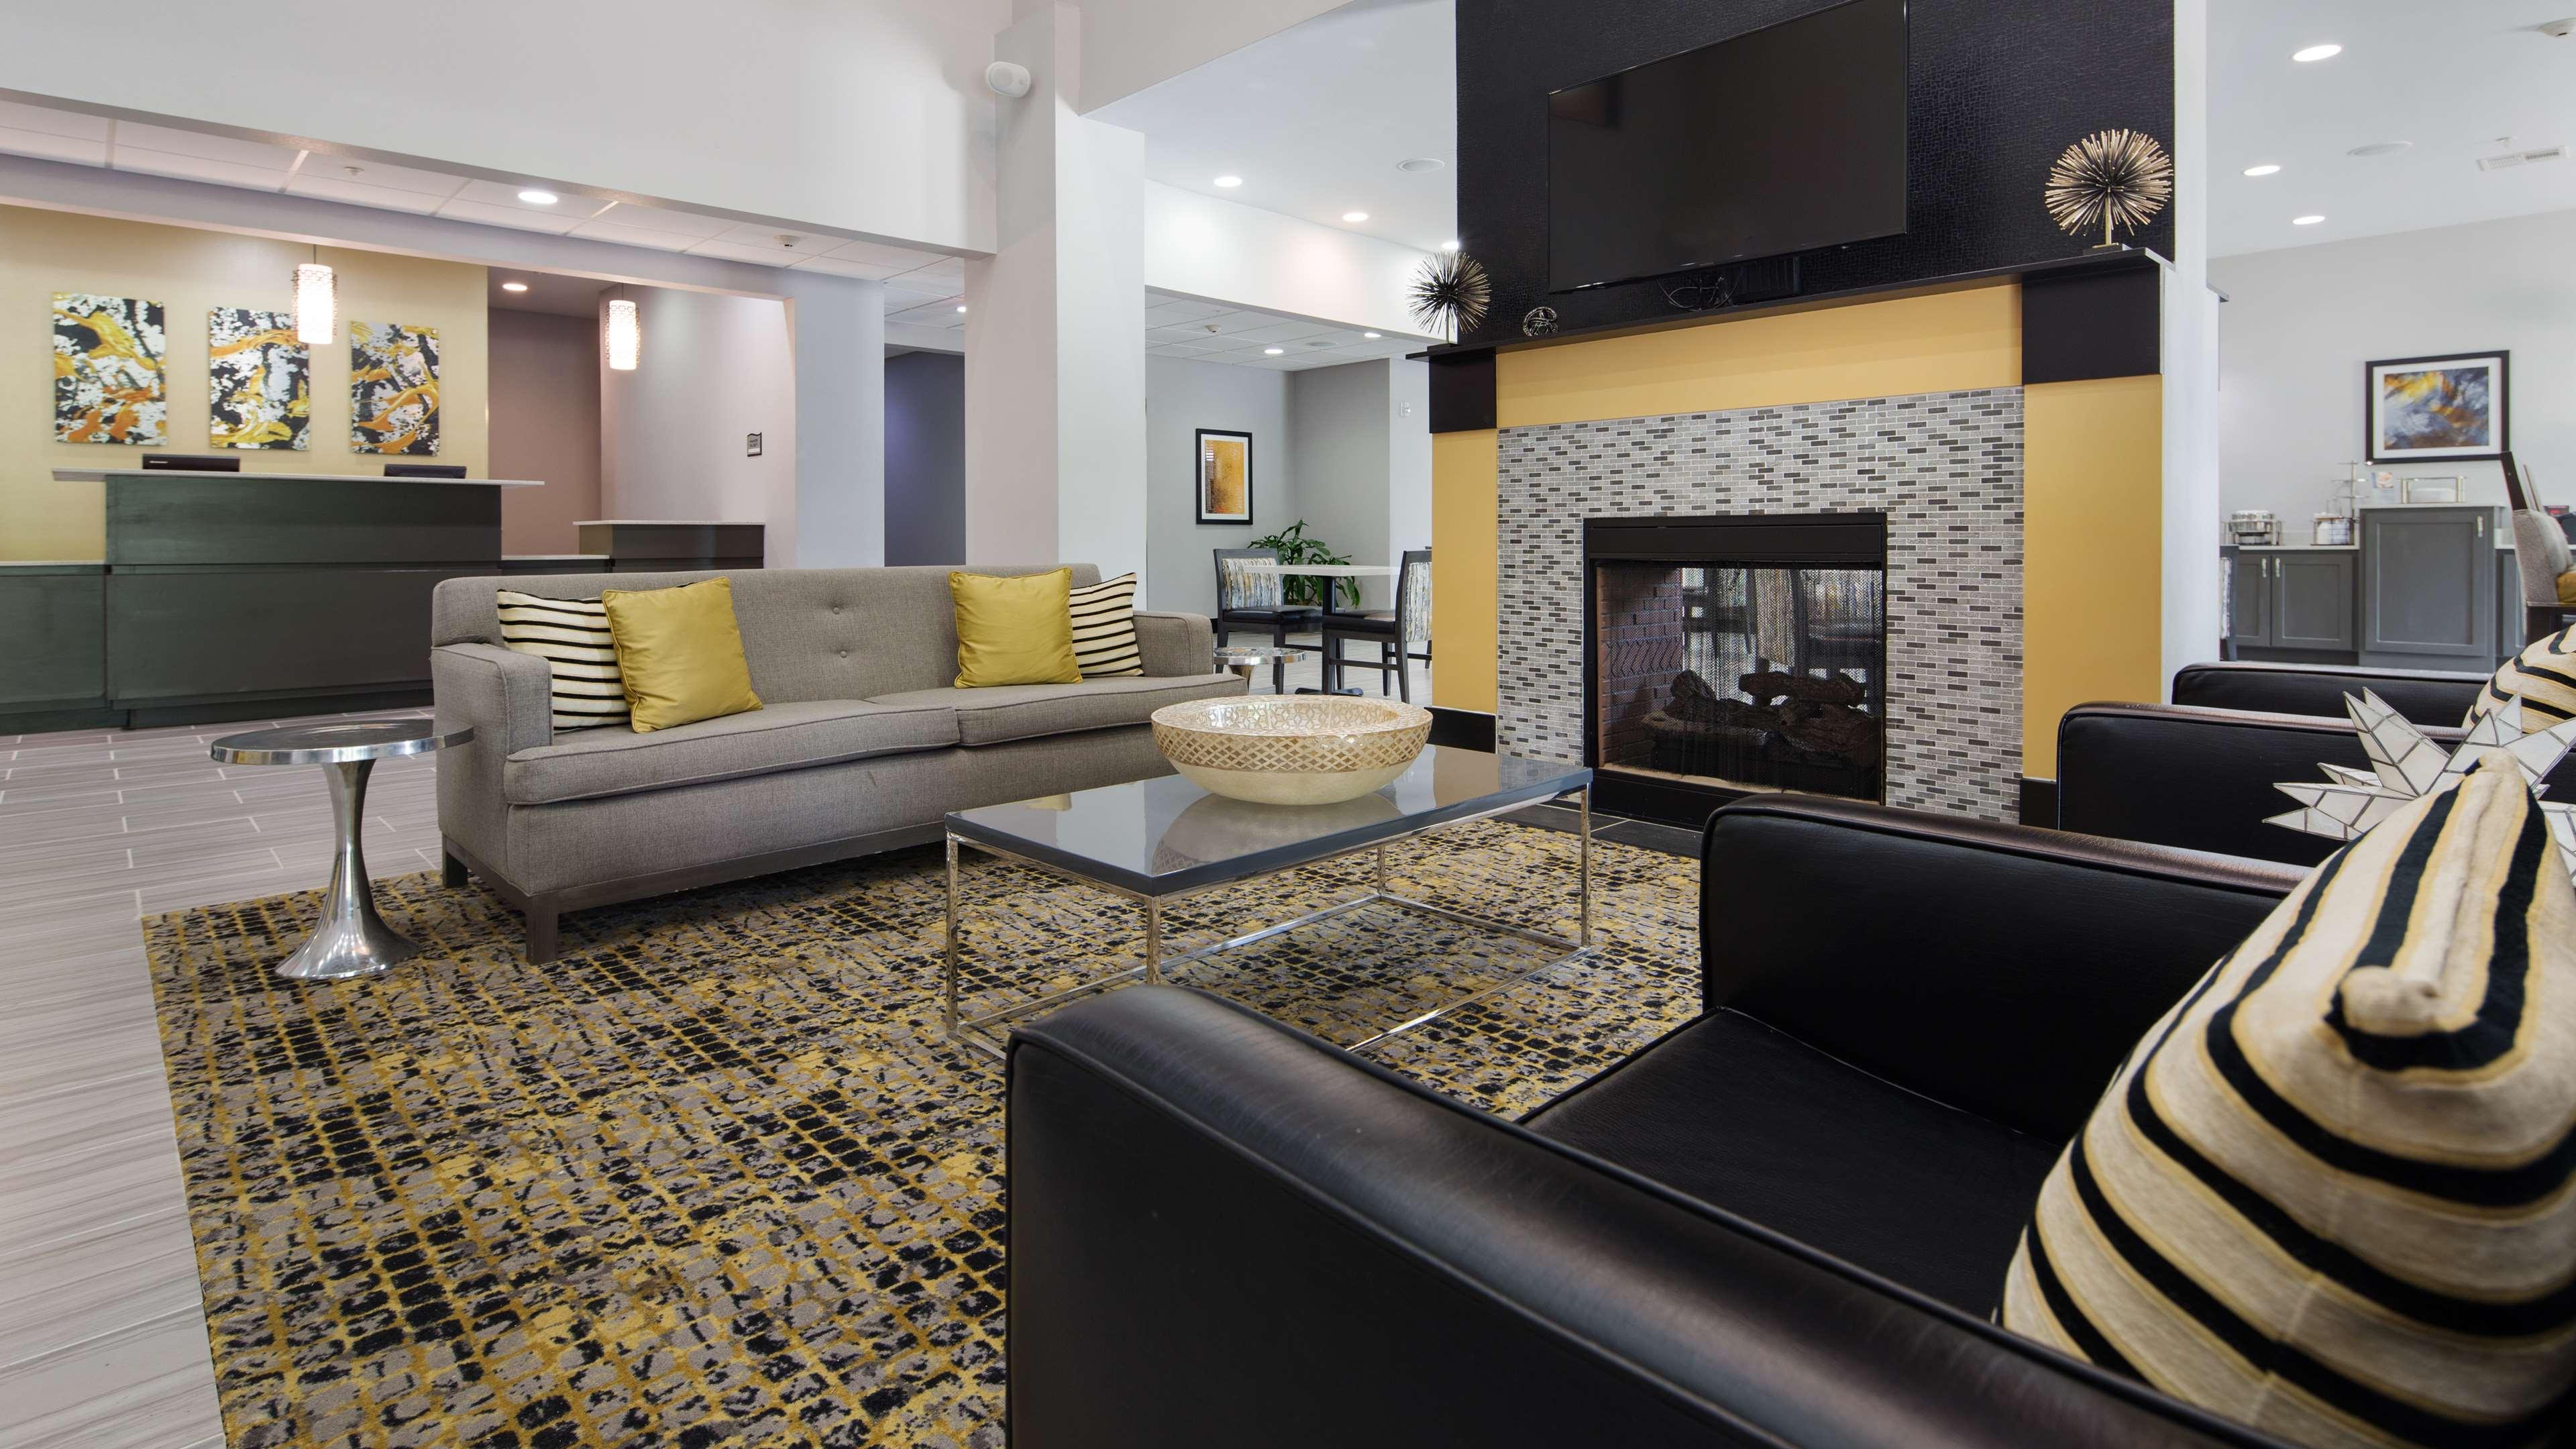 Best Western Plus Regency Park Hotel image 11